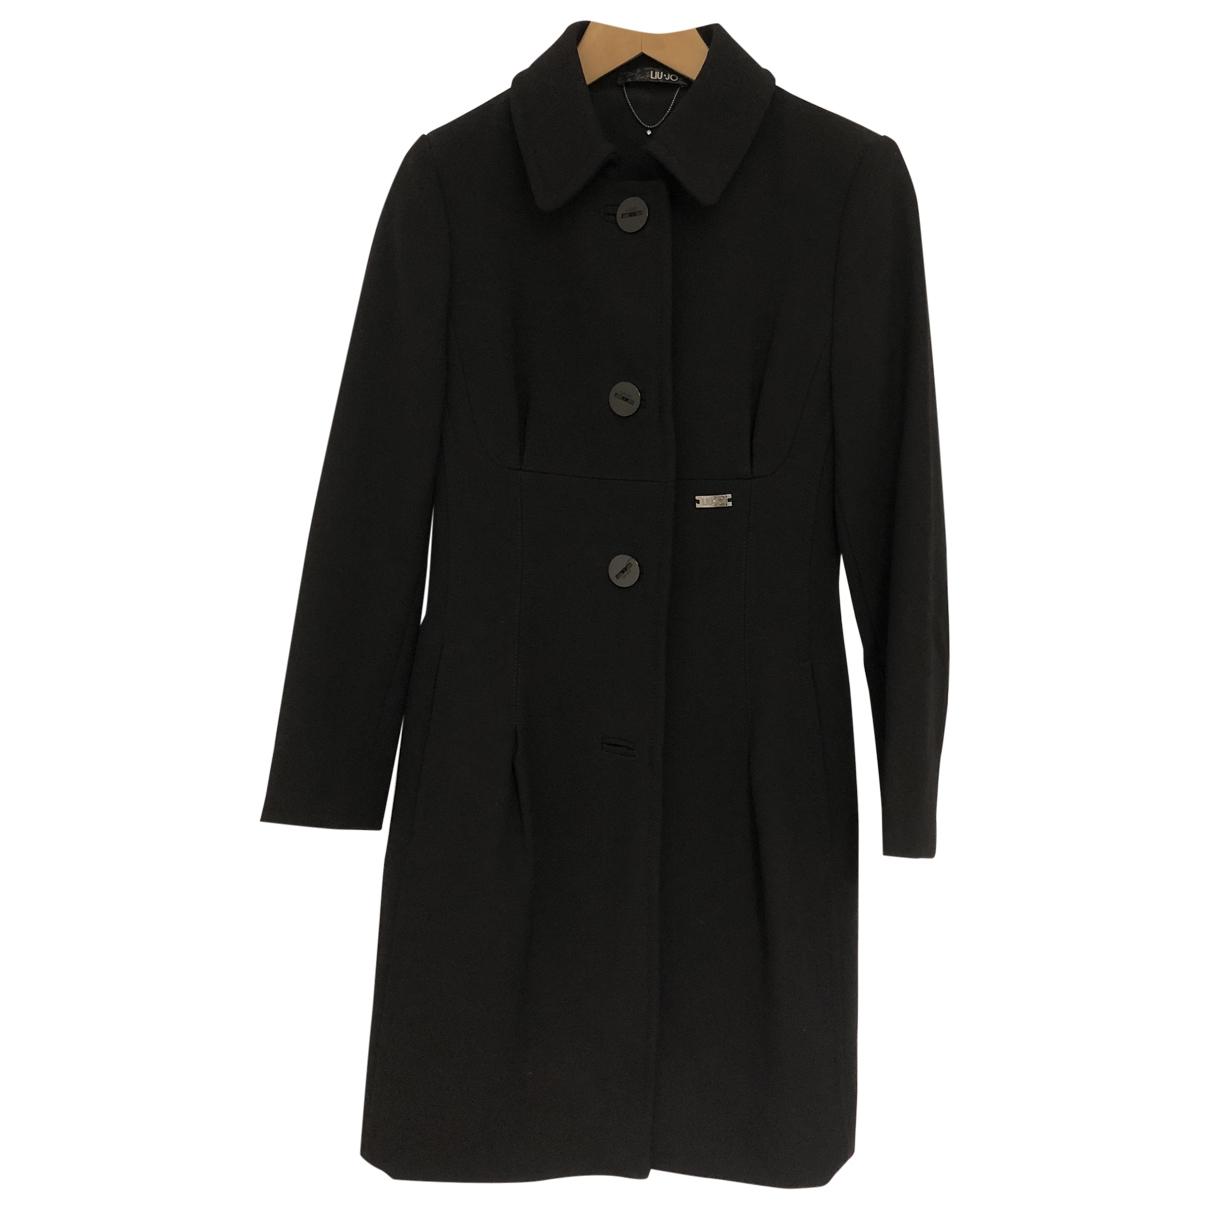 Liu.jo \N Black Wool coat for Women S International